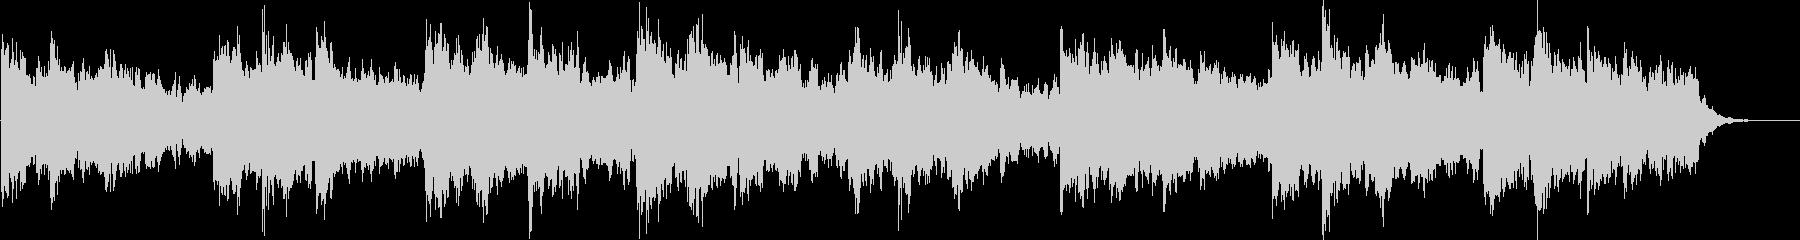 長めPAD系ループBPM120の未再生の波形